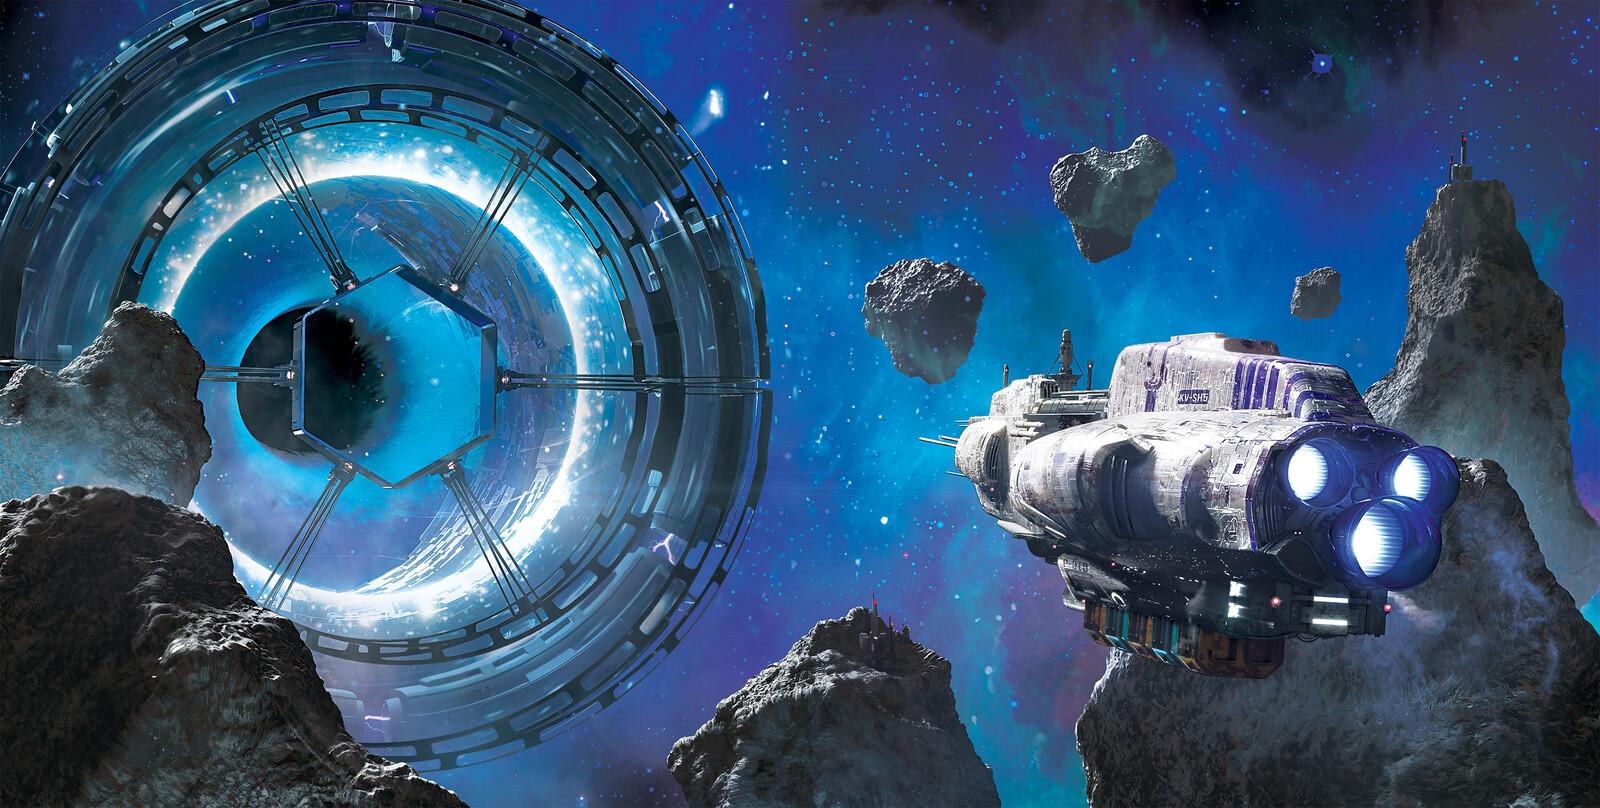 Spaceship Album Covers